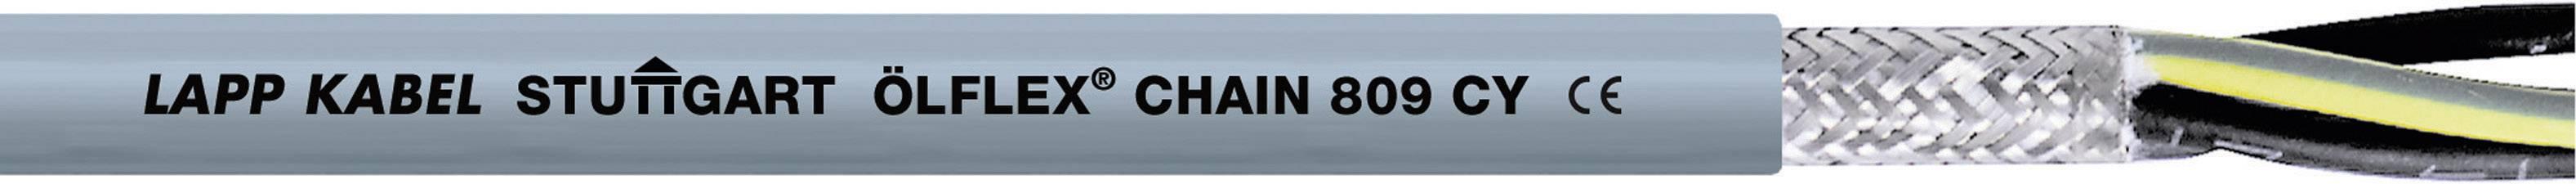 Žíla kabelu LappKabel ÖLFLEX CHAIN 809 CY 12G1,5 (1026780), 12x 1,5 mm², PVC, Ø 13,3 mm, stíněný, 1 m, šedá